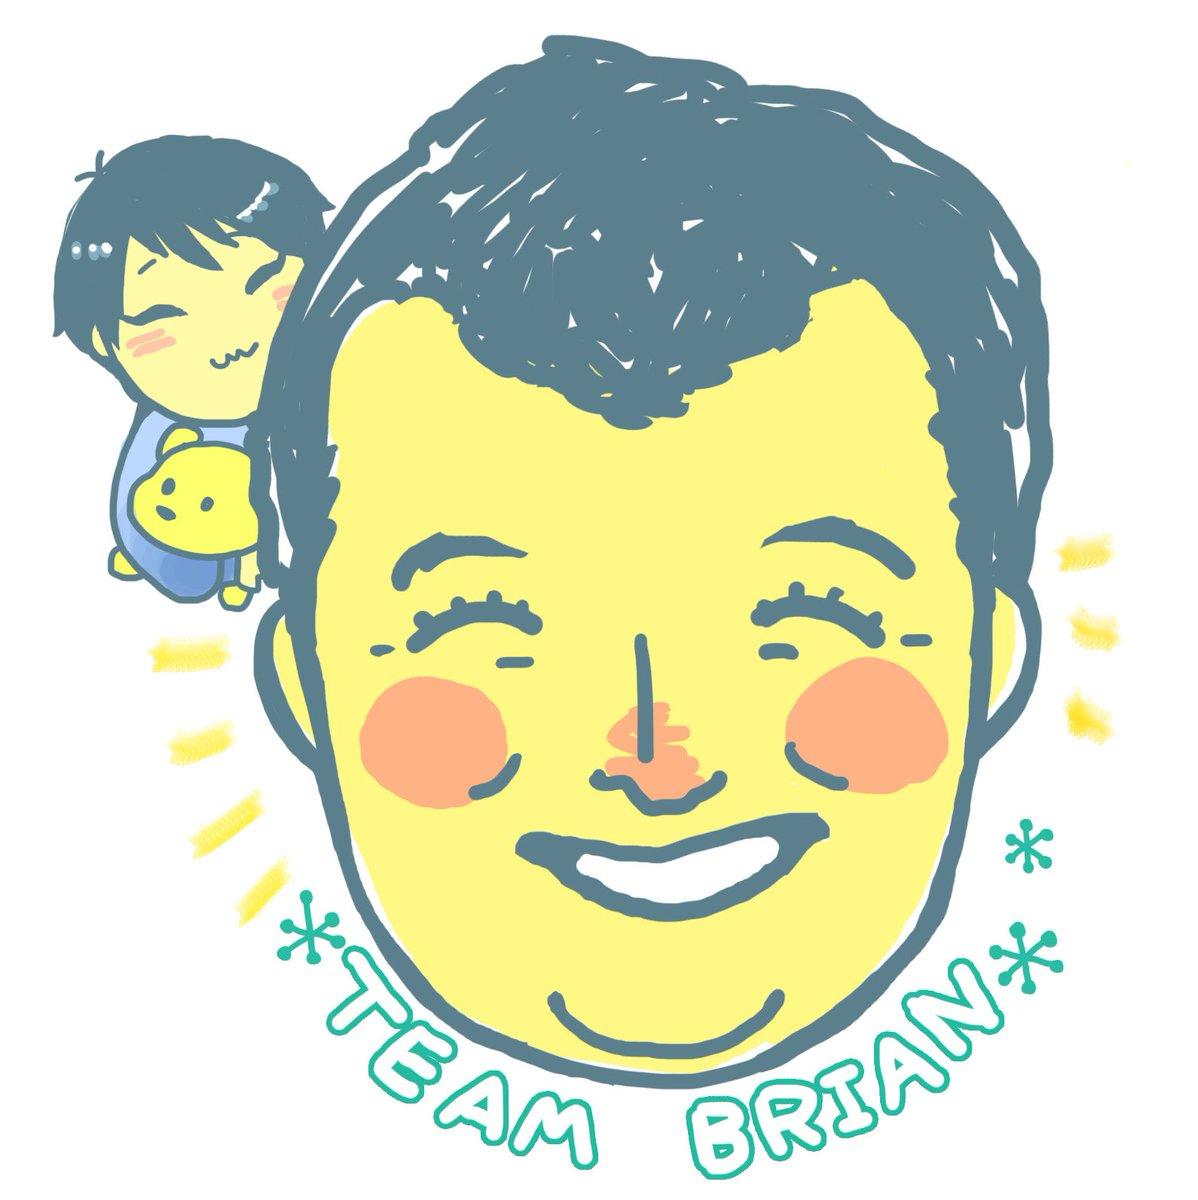 Брайан О́рсер / Brian Orser & Toronto Cricket Skating Curling Club CWfr1Z4UsAA0yWf